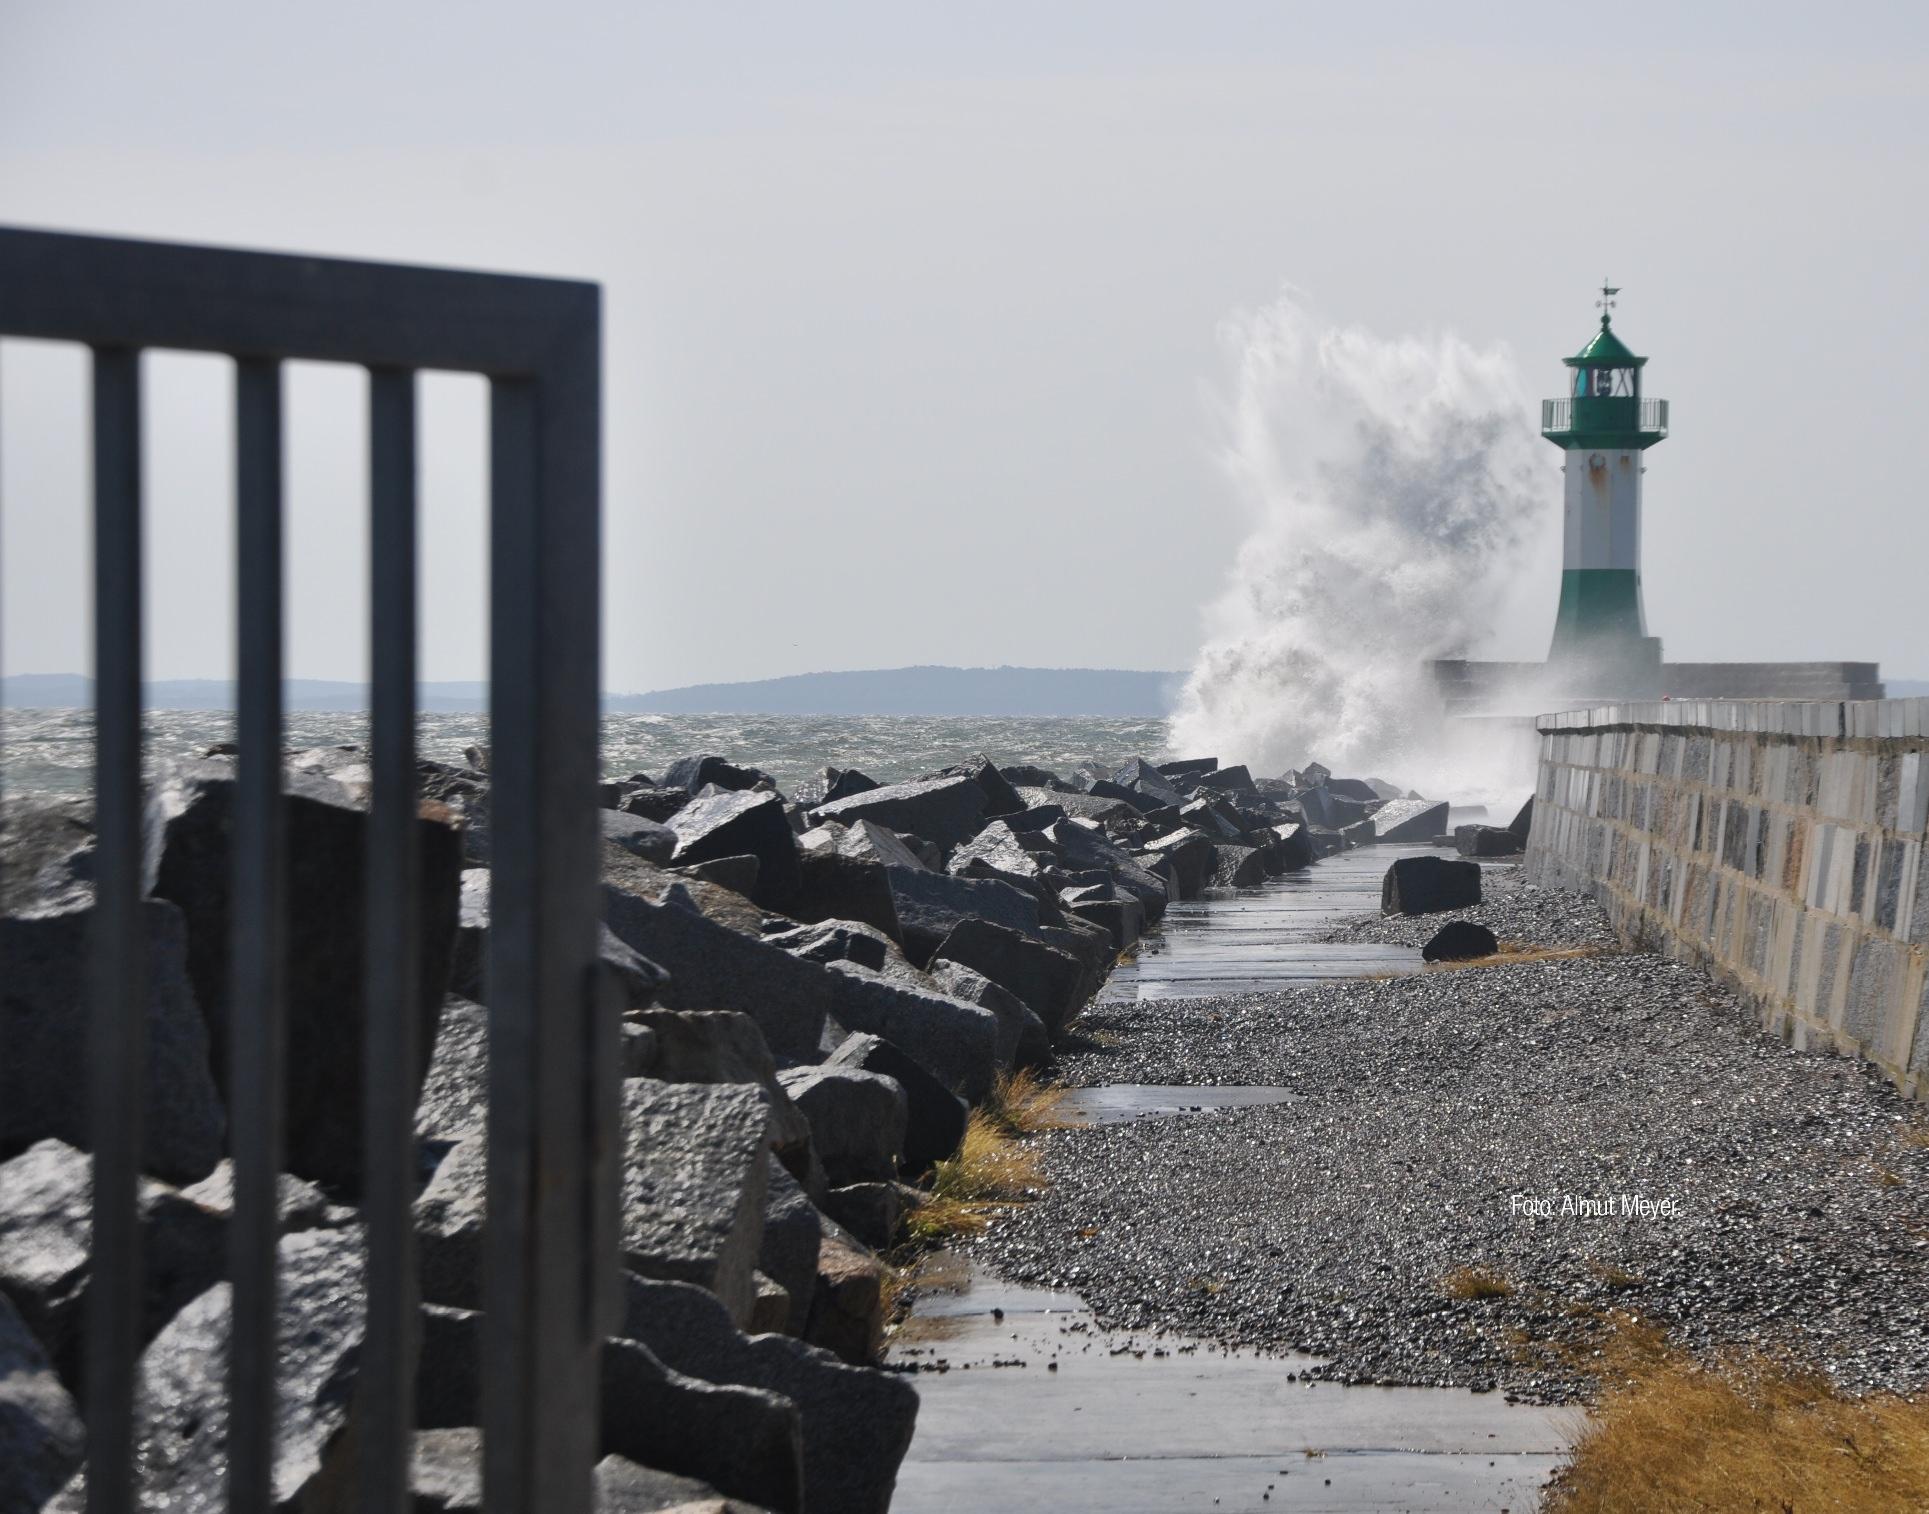 Eine große kräftige Welle bricht an einem Leuchtturm Leuchtturm